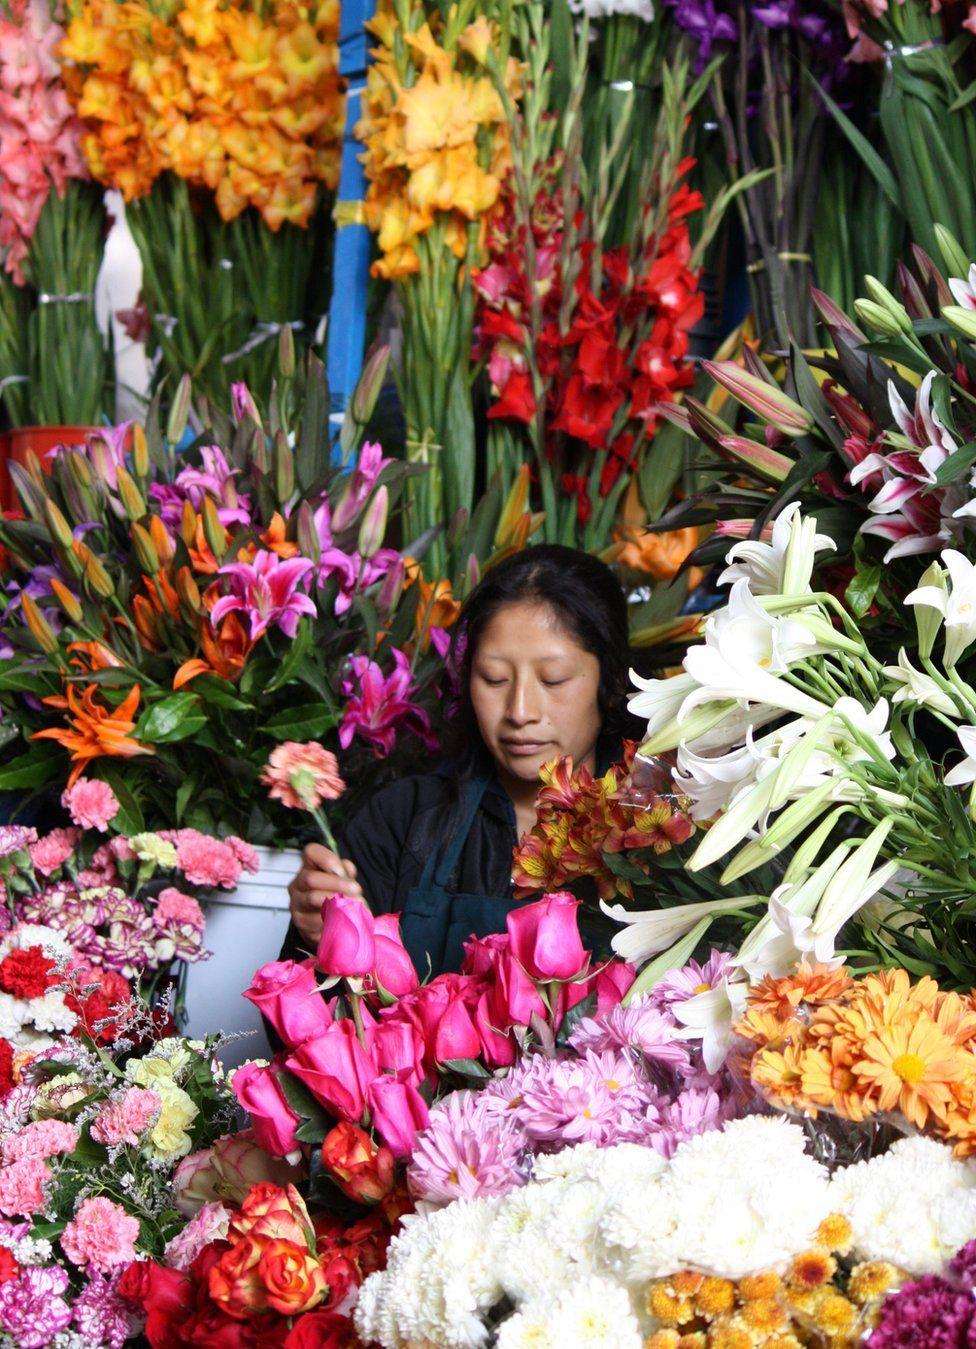 A flower seller amongst her flowers